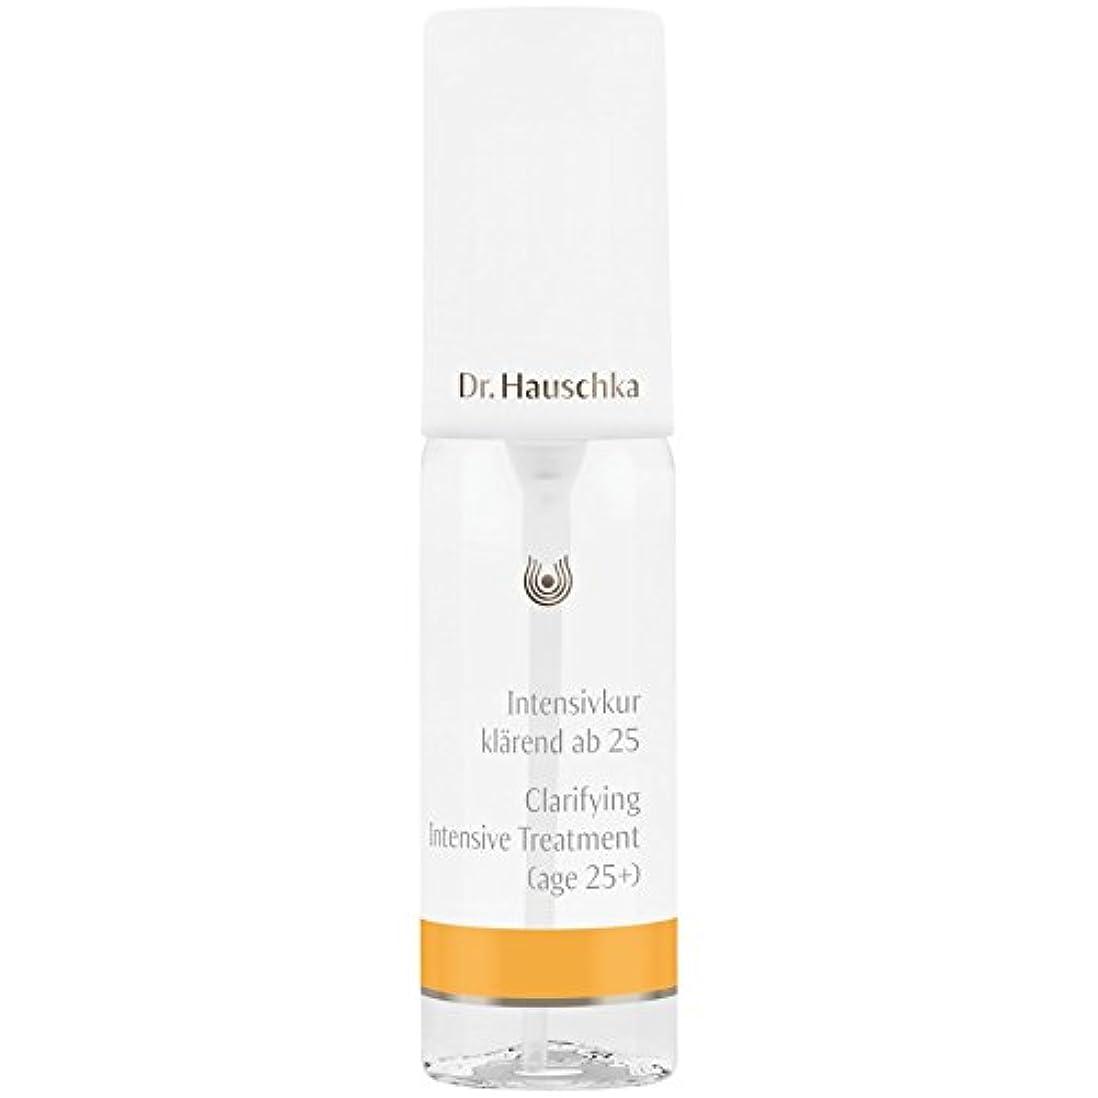 叫ぶ絶滅した暴力的な[Dr Hauschka] 25+ 02 40ミリリットルのための集中治療を明確化のDrハウシュカ - Dr Hauschka Clarifying Intensive Treatment For 25+ 02 40ml...